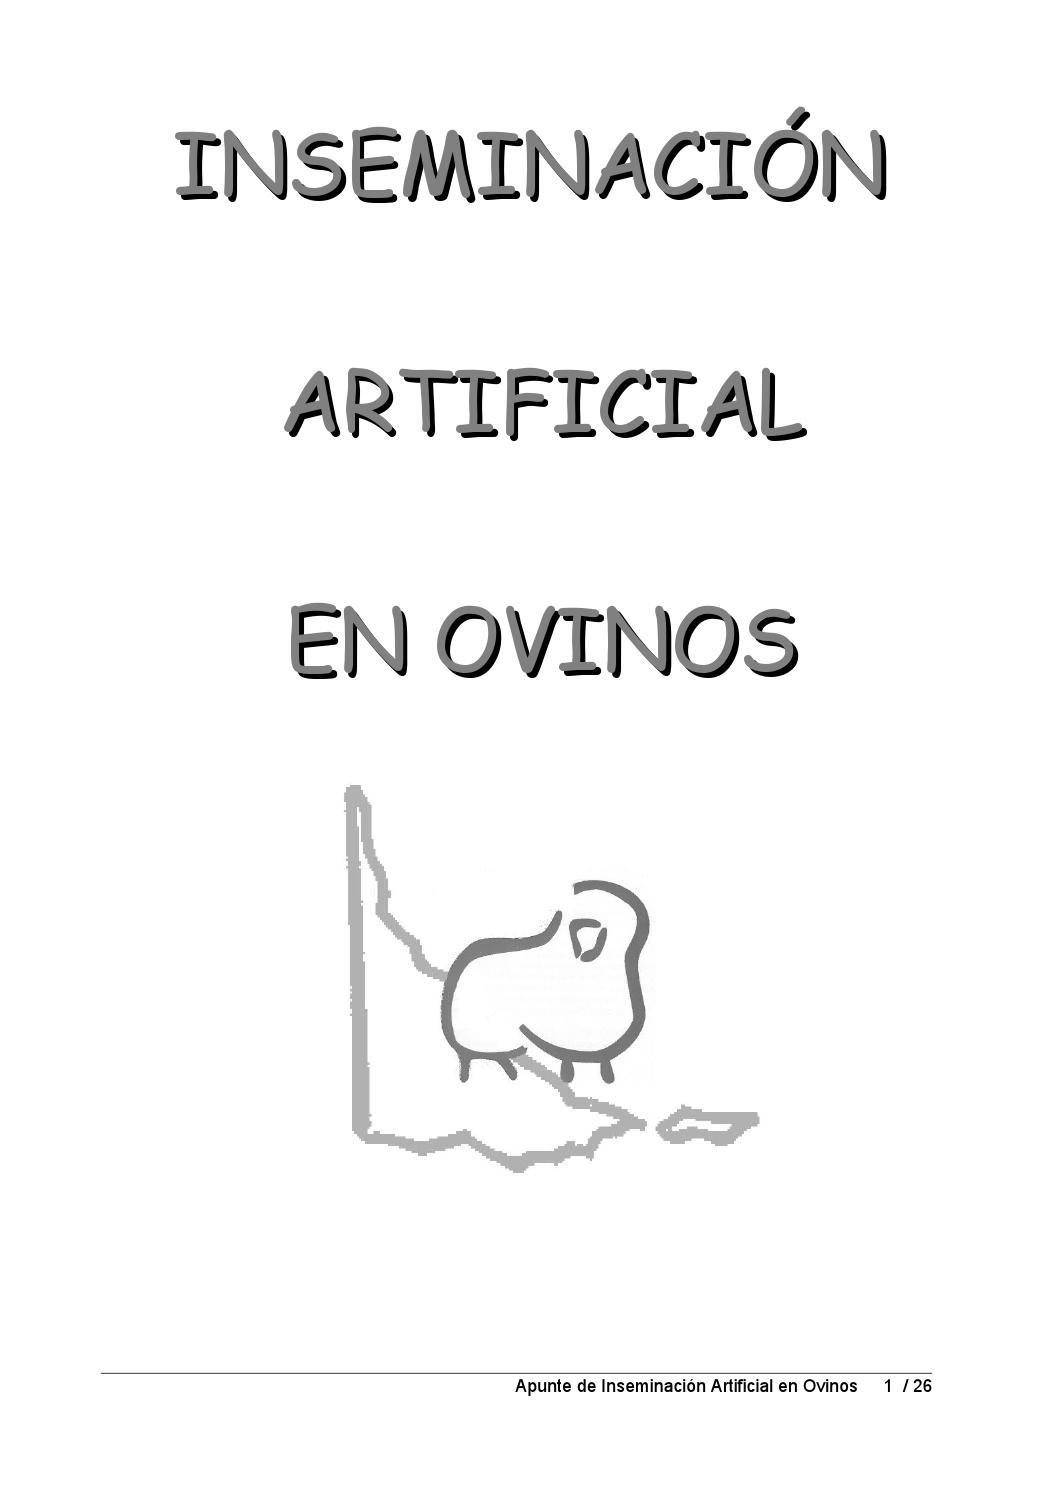 Inseminacion artificial en ovinos by mvzranulfo08 - issuu